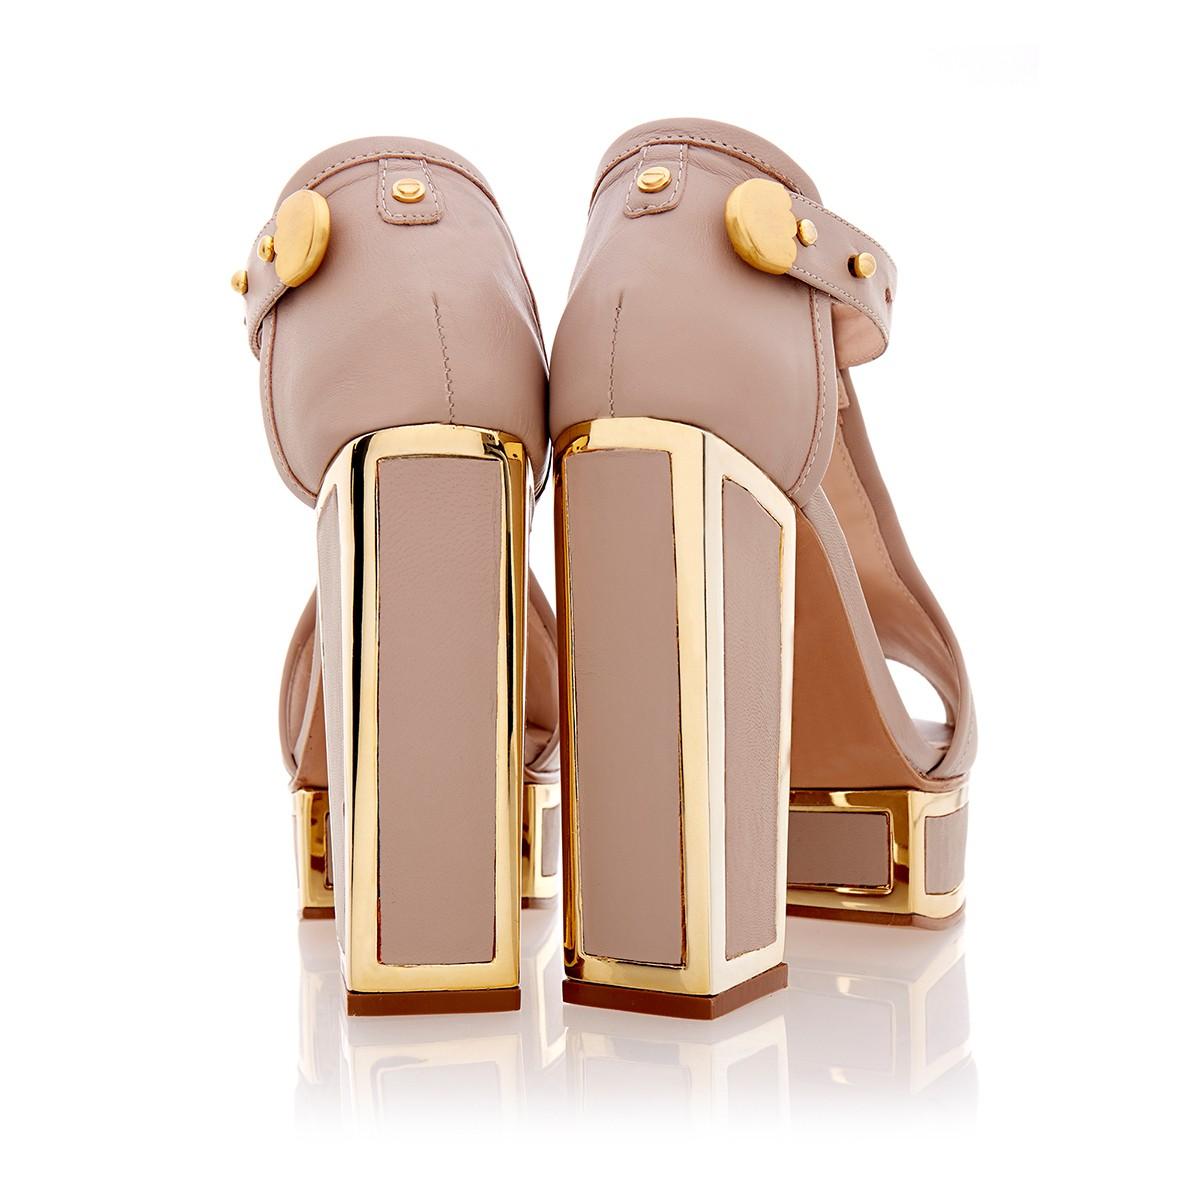 Pipa T-Bar Sandals